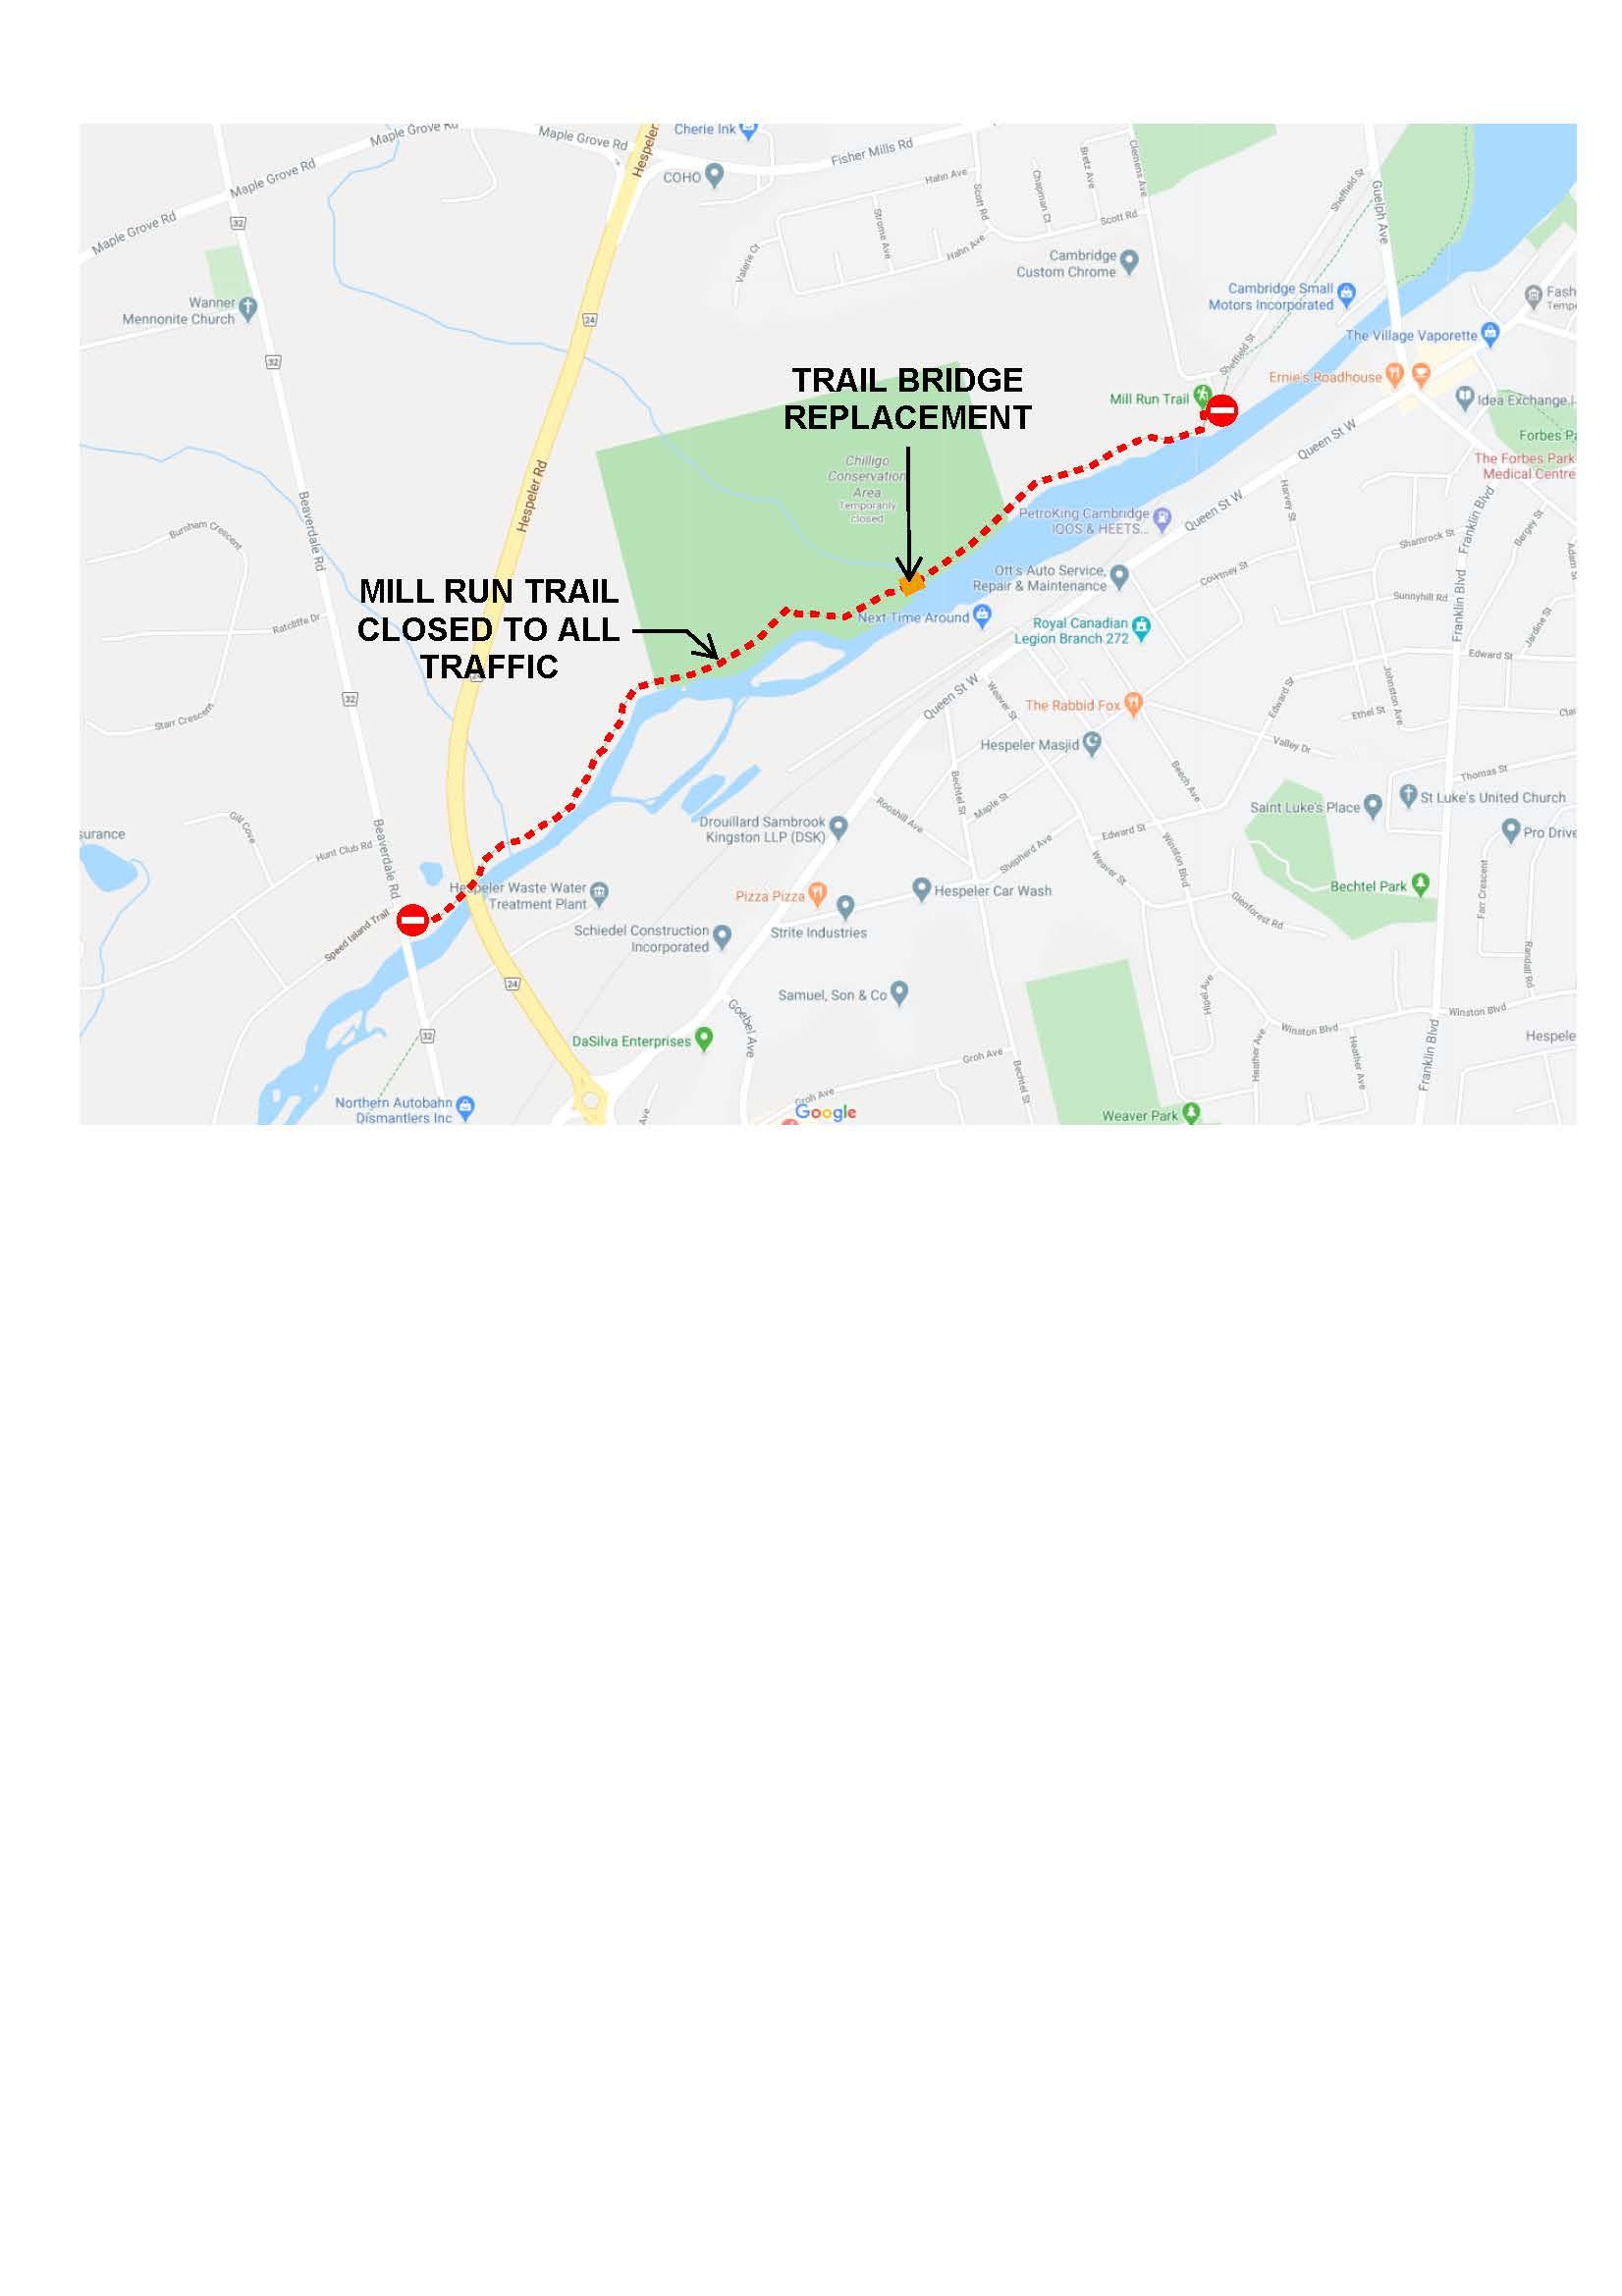 Mill Run Trail closure